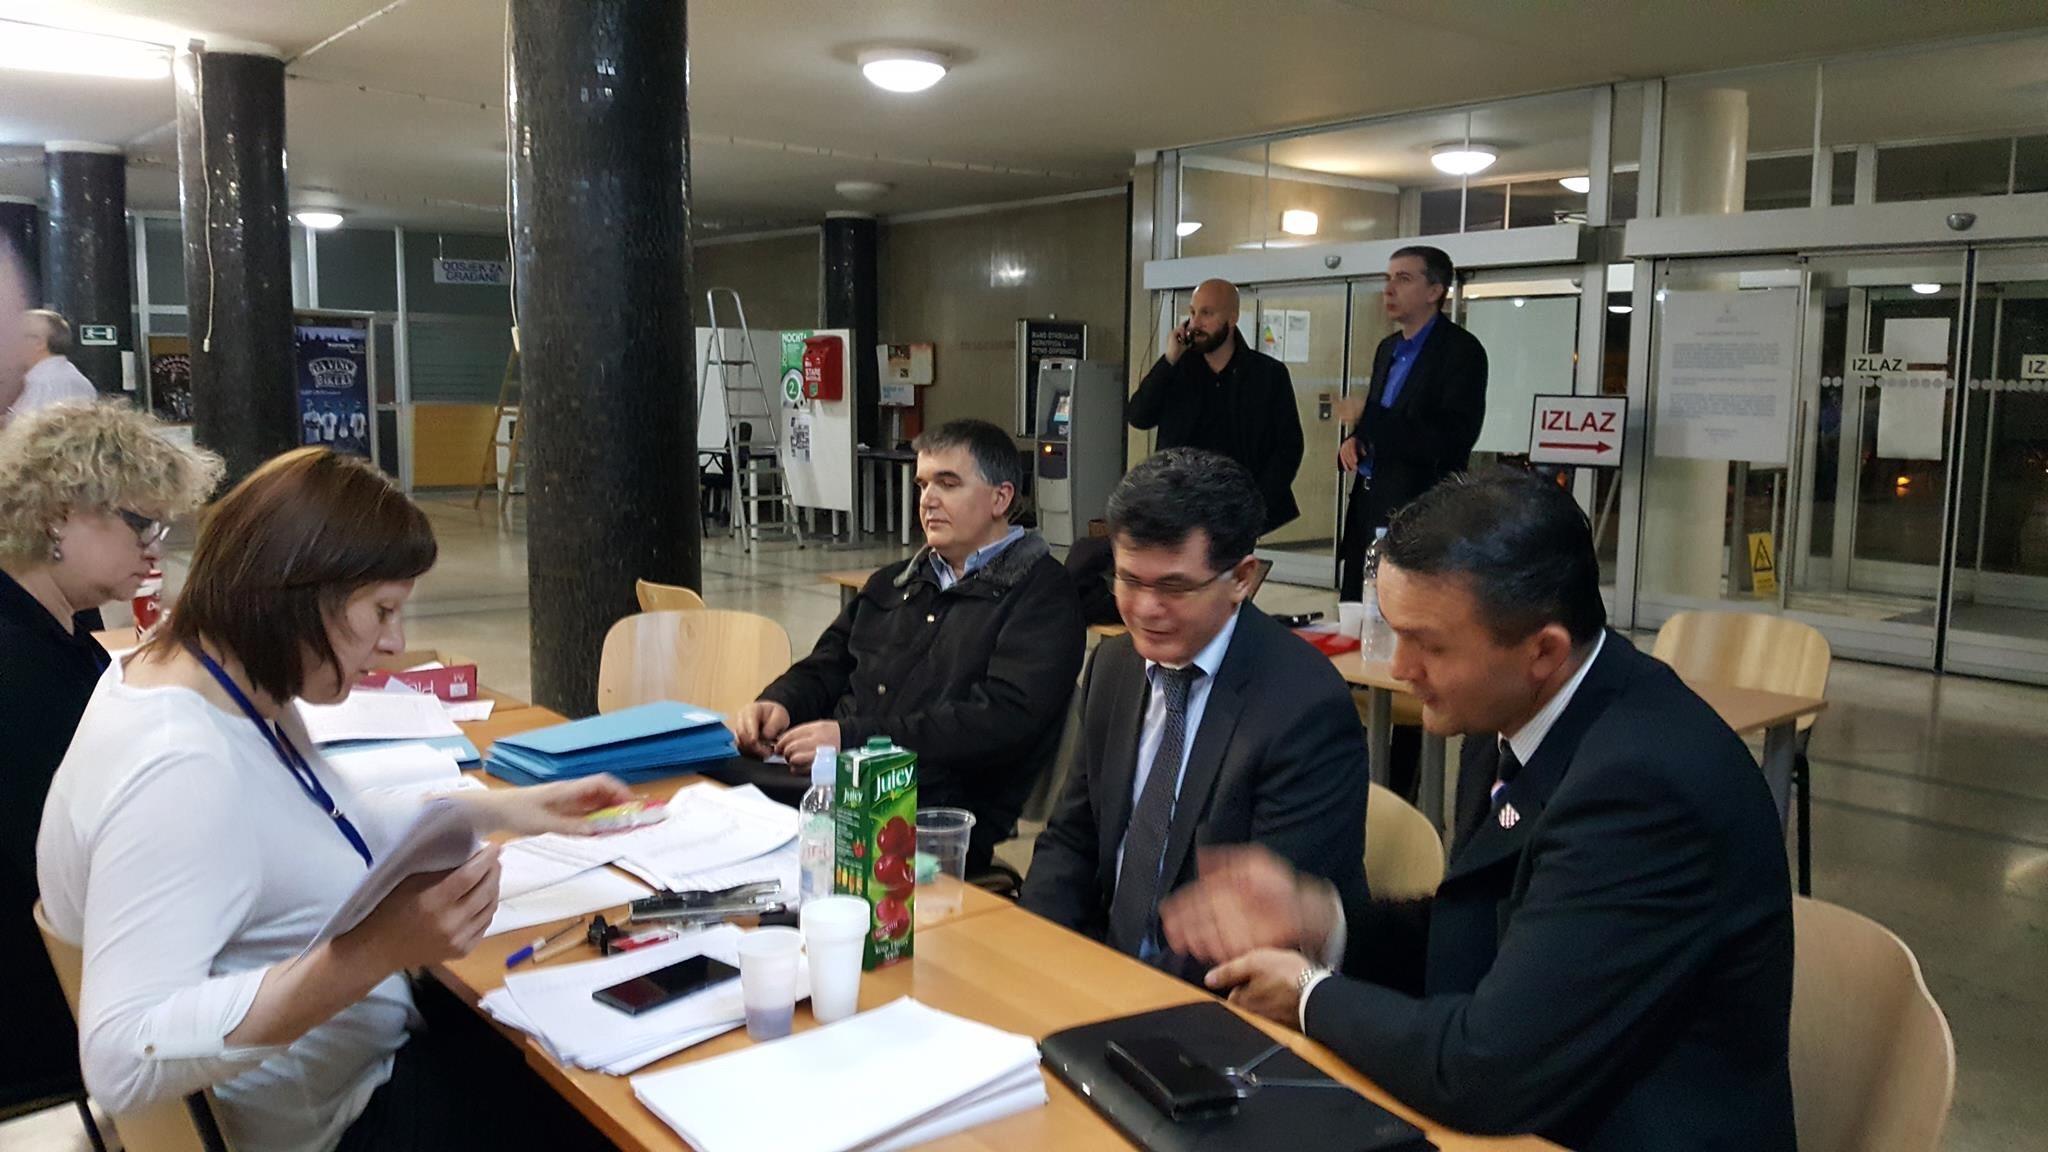 hcsp_obiteljska_potpisivanje_koalicije1